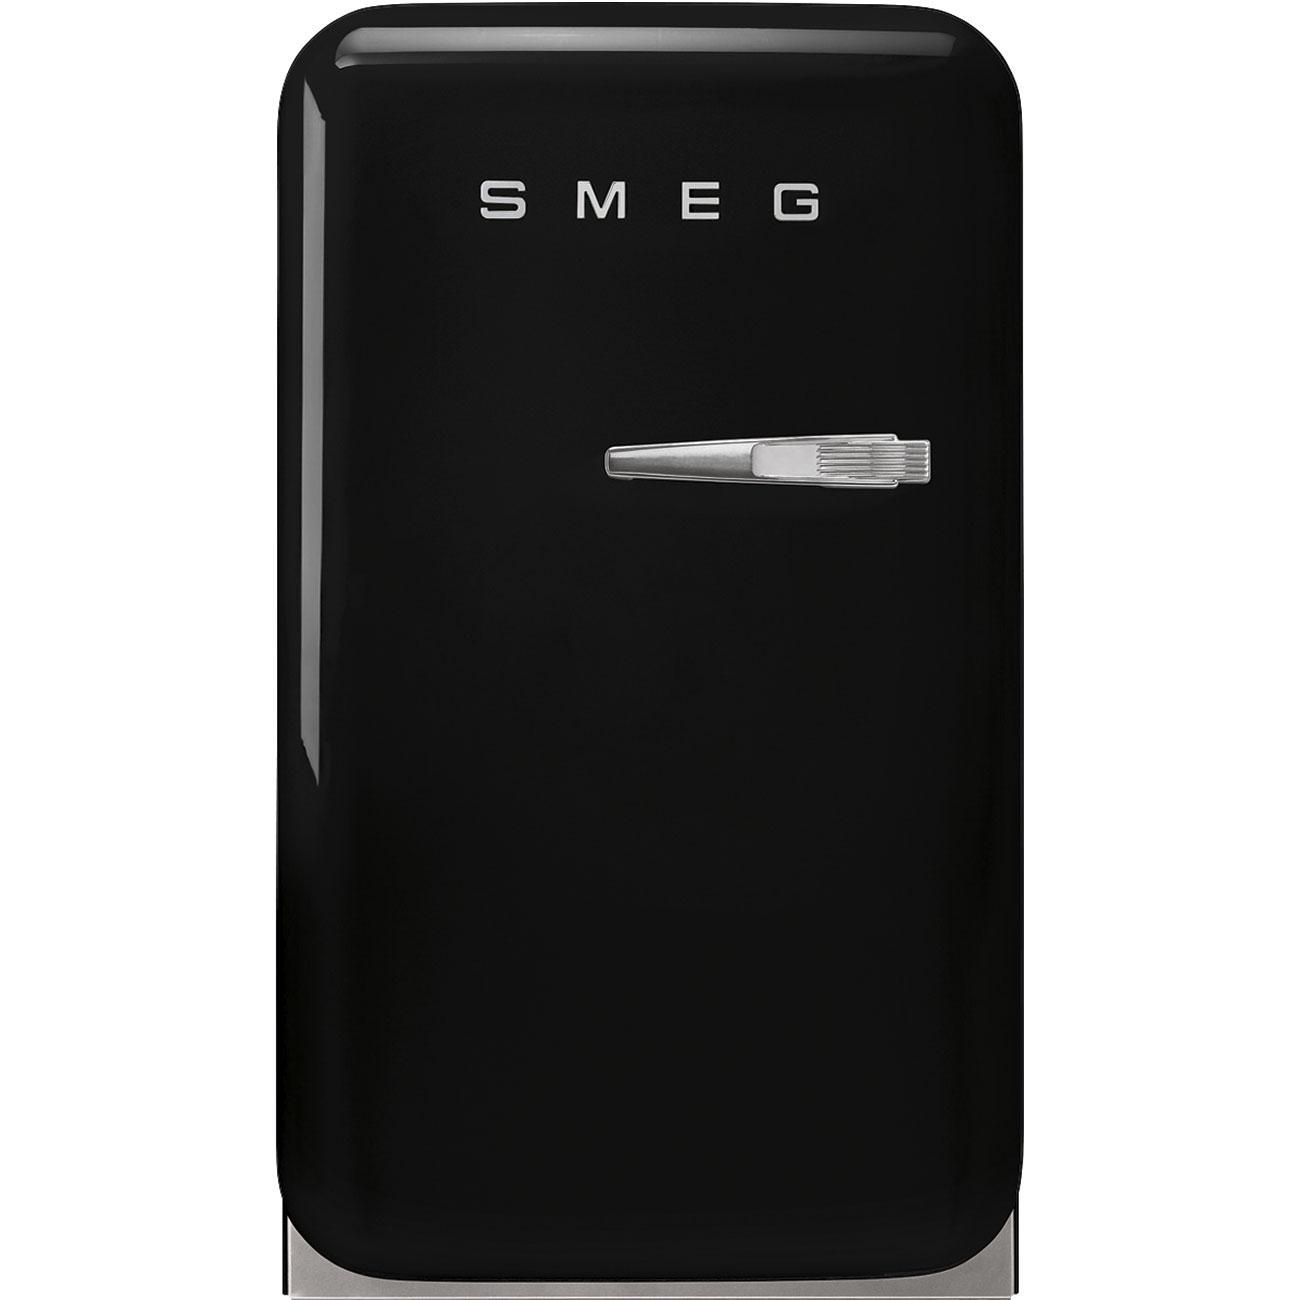 SmegRetro-Style Mini Refrigerator, Left-Hand Hinge, Black